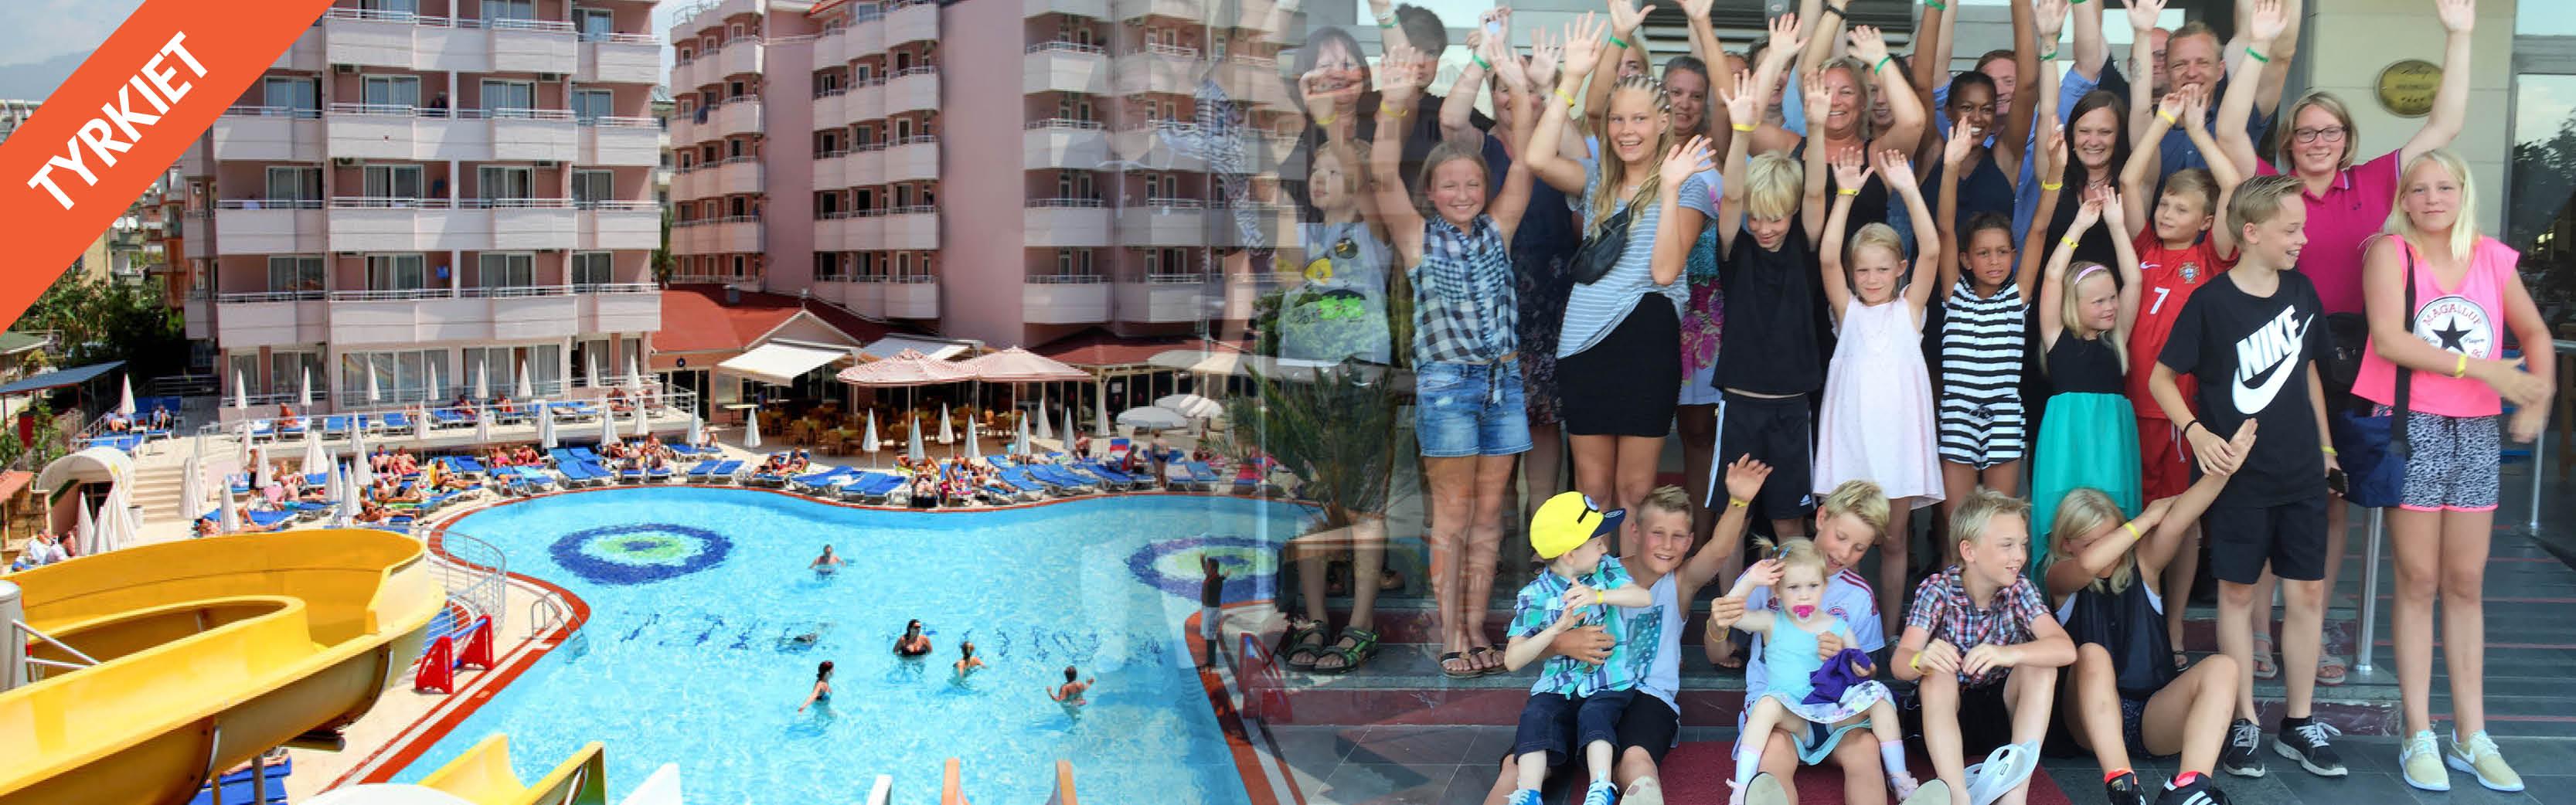 Singlerejser med børn til Kahya Hotel